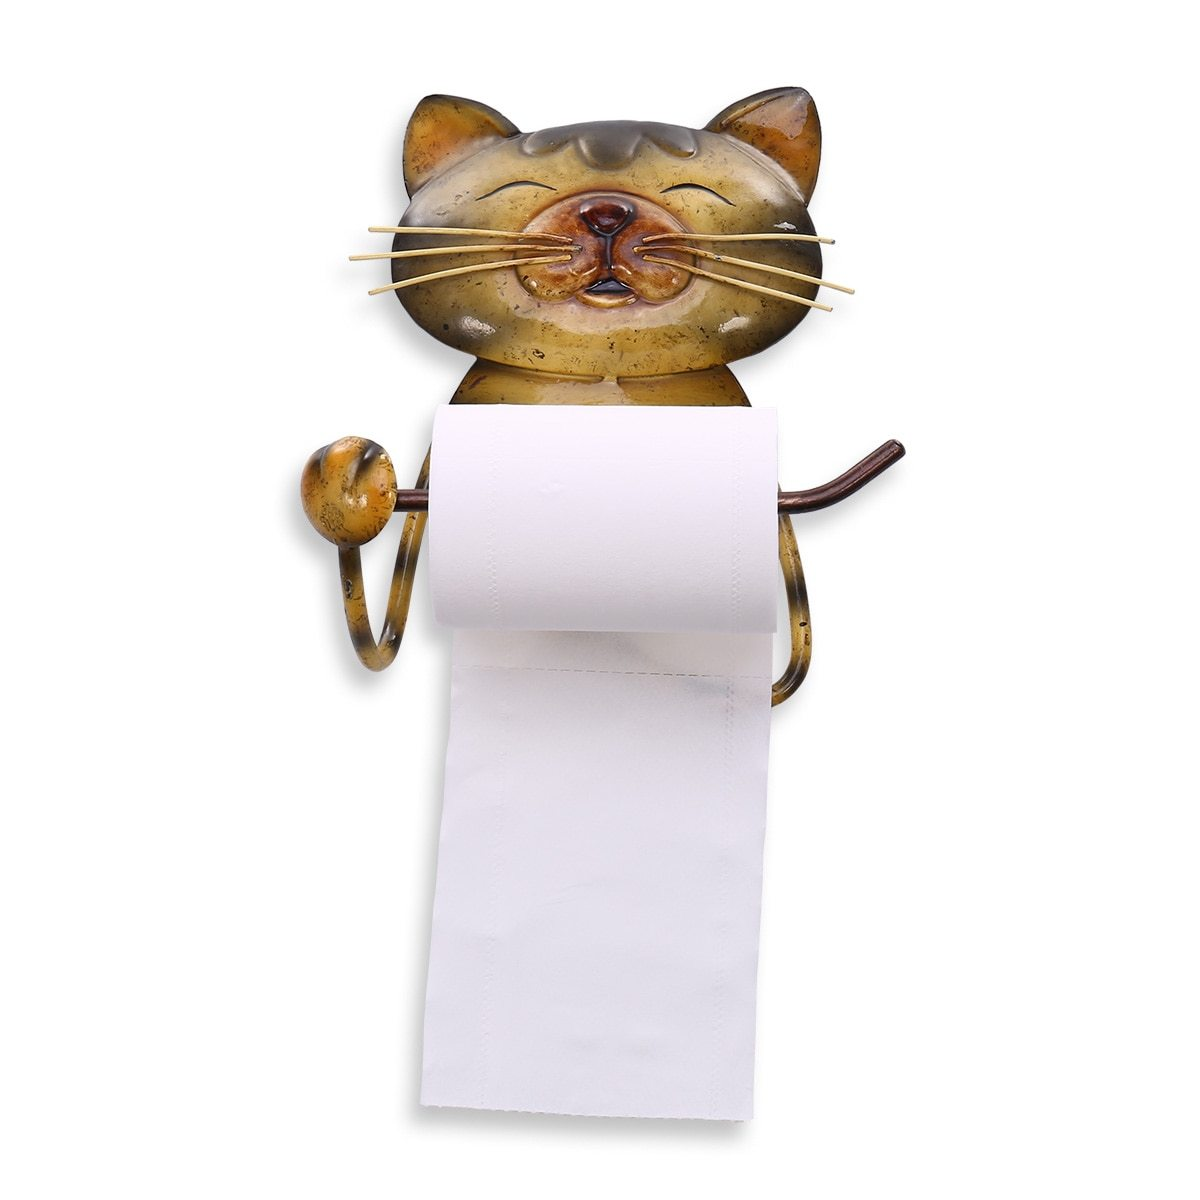 Katze Wc Papier Halter Eisen Wc Papier Halter Durable Multifunktionale Papier Halter Bad Küche Hause Wesentliche Quell Sommer Durst